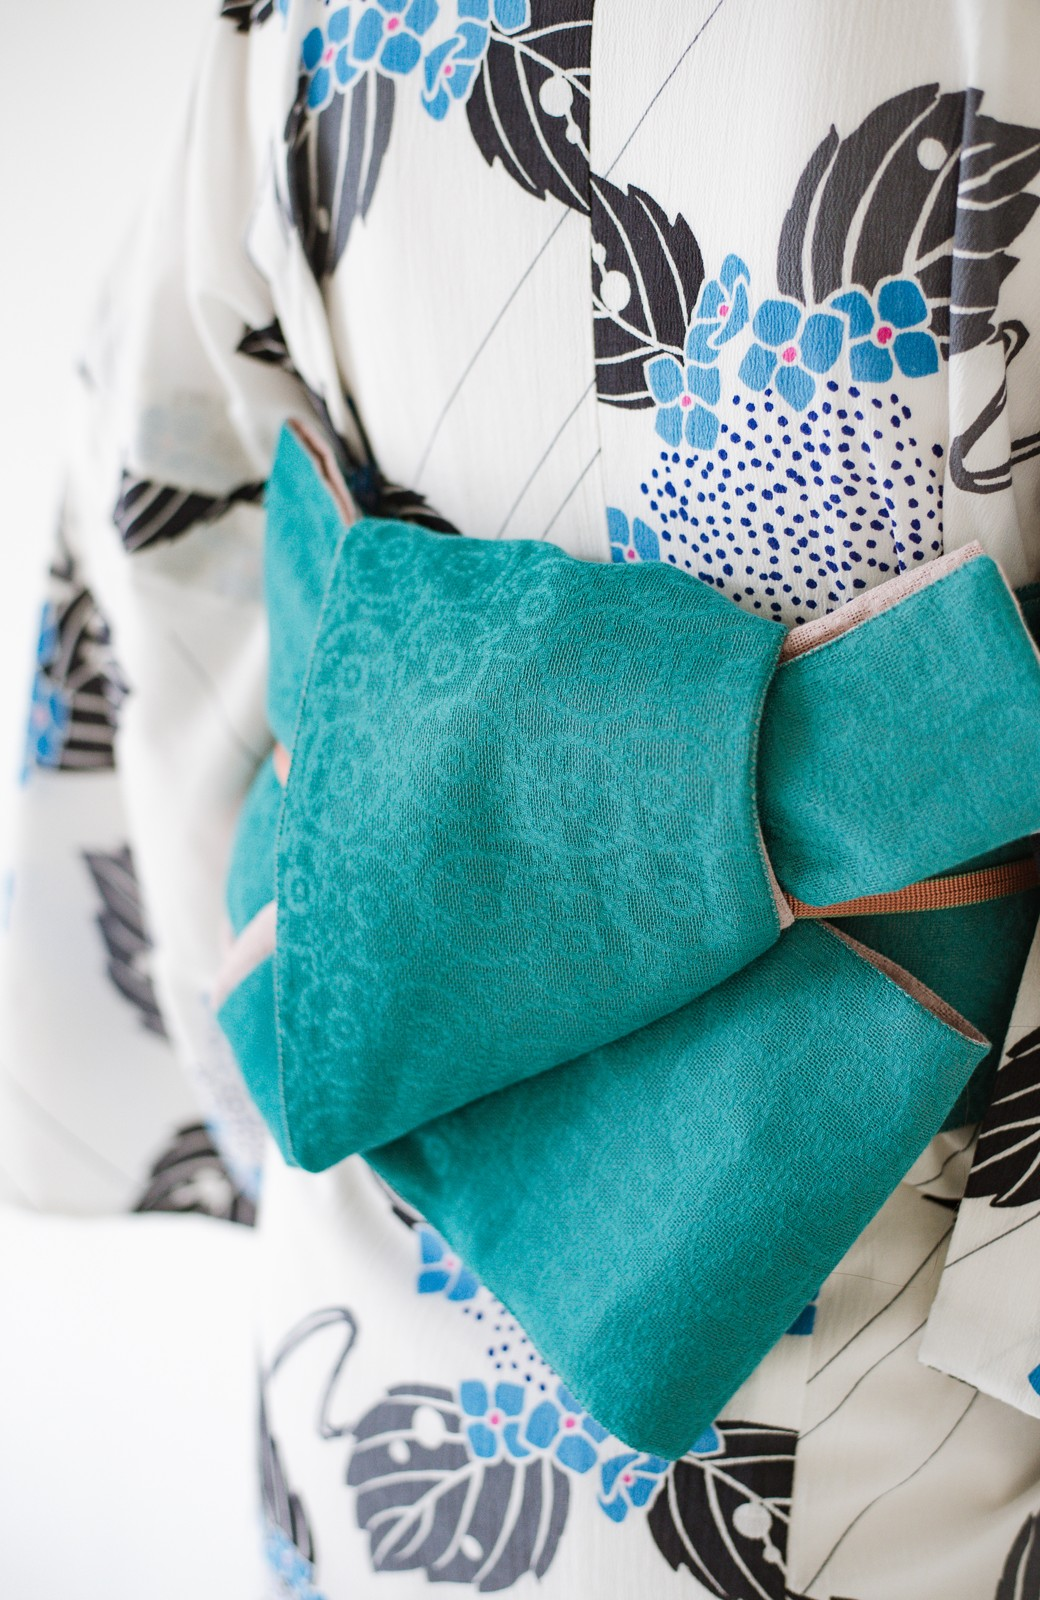 haco! ひでや工房 京都のからみ織ジャカードリバーシブル帯 <グリーン×ピンク>の商品写真4